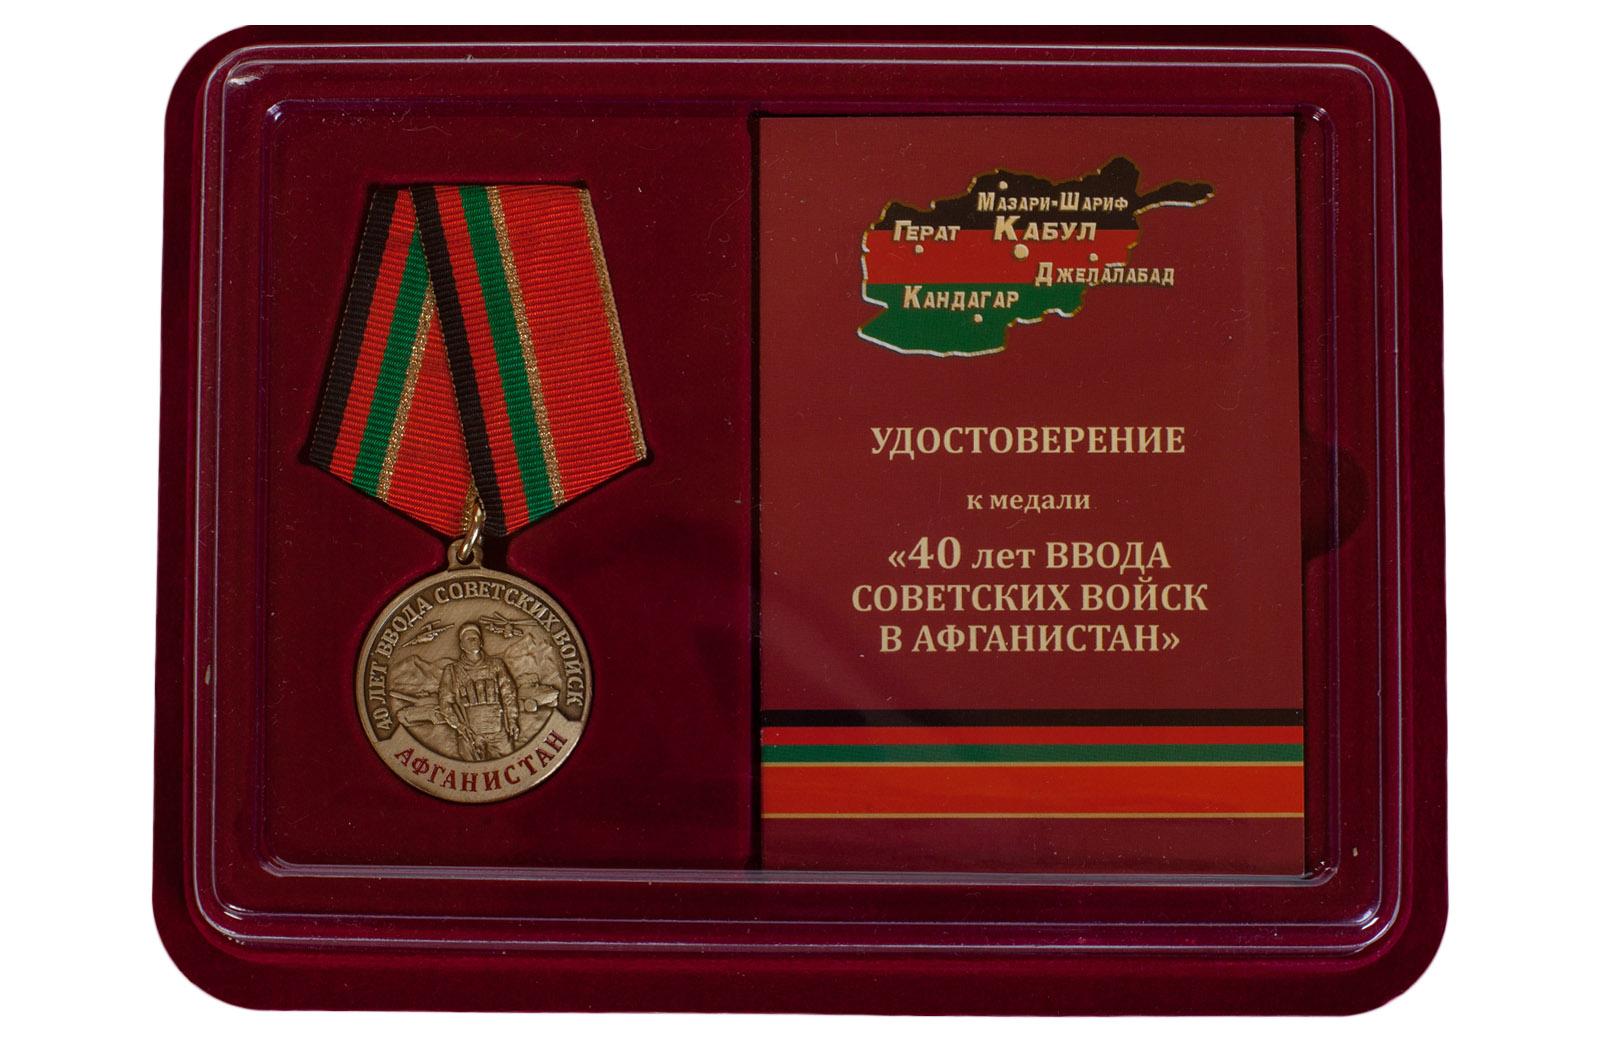 Купить медаль к 40-летию ввода Советских войск в Афганистан в футляре с доставкой